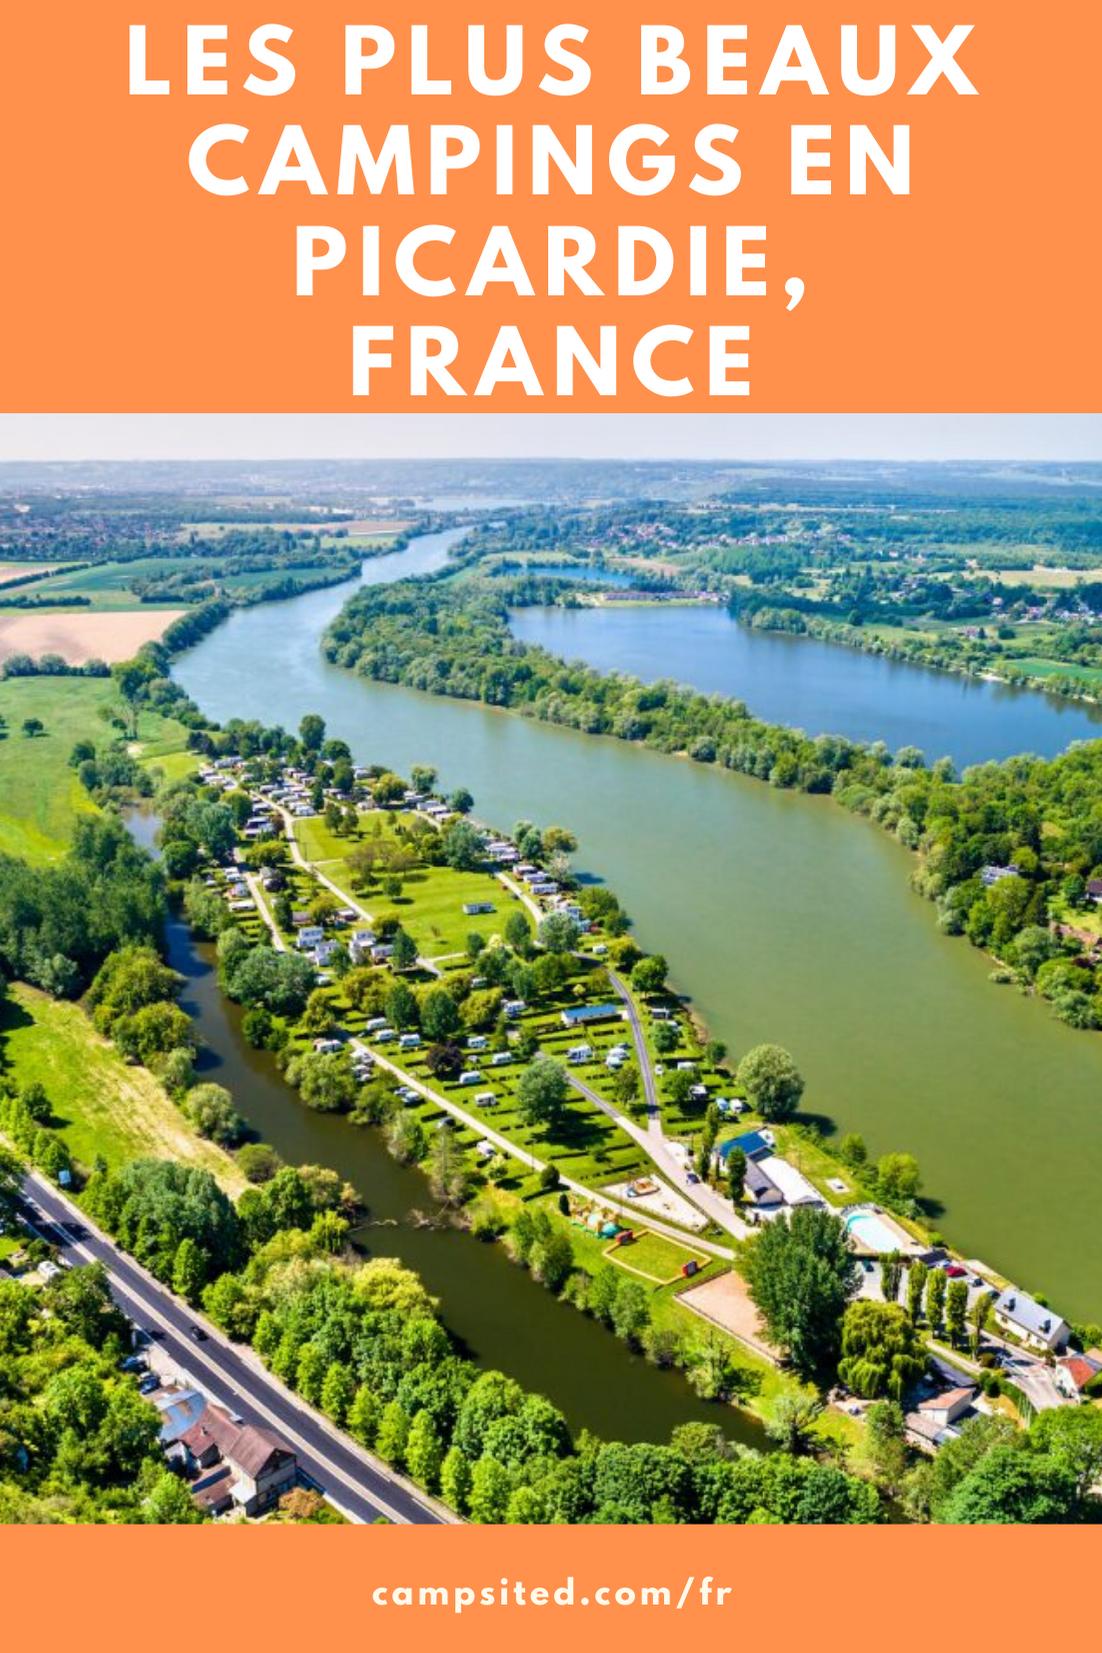 Les Meilleurs Camping De France : meilleurs, camping, france, Meilleurs, Campings, Picardie, France,, Camping,, Outdoor